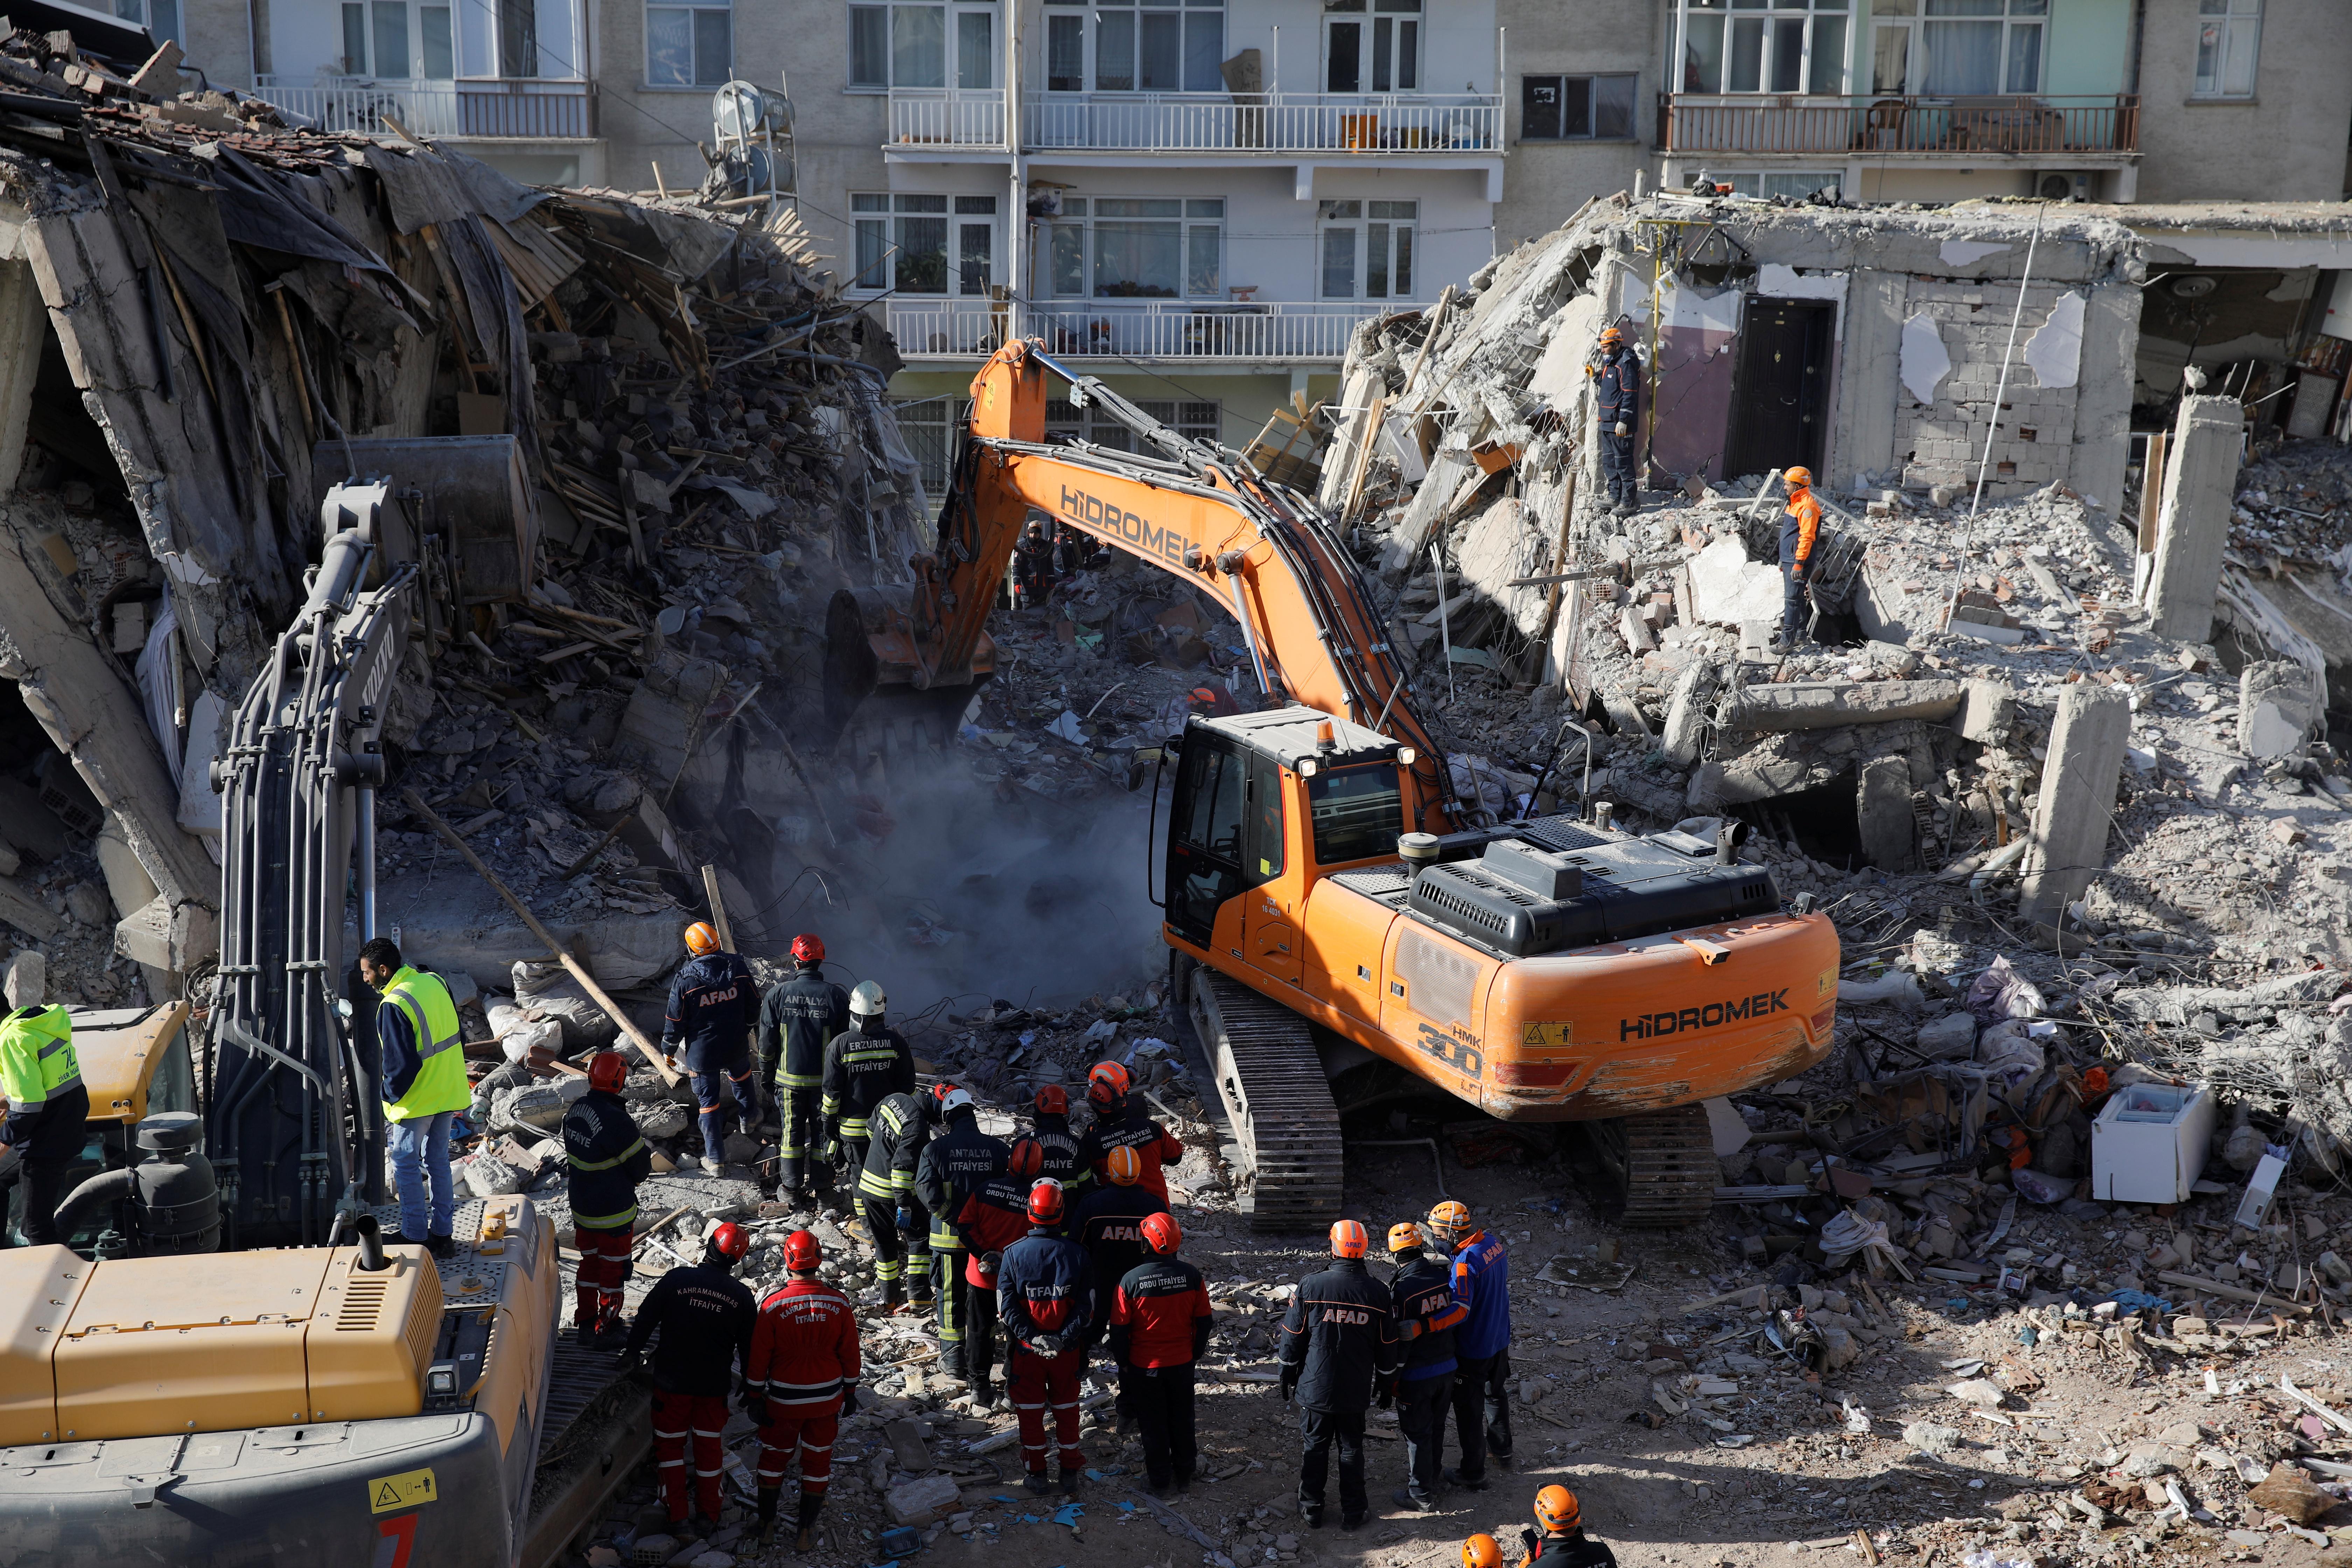 Σεισμός στην Τουρκία: Σταμάτησαν οι επιχειρήσεις διάσωσης